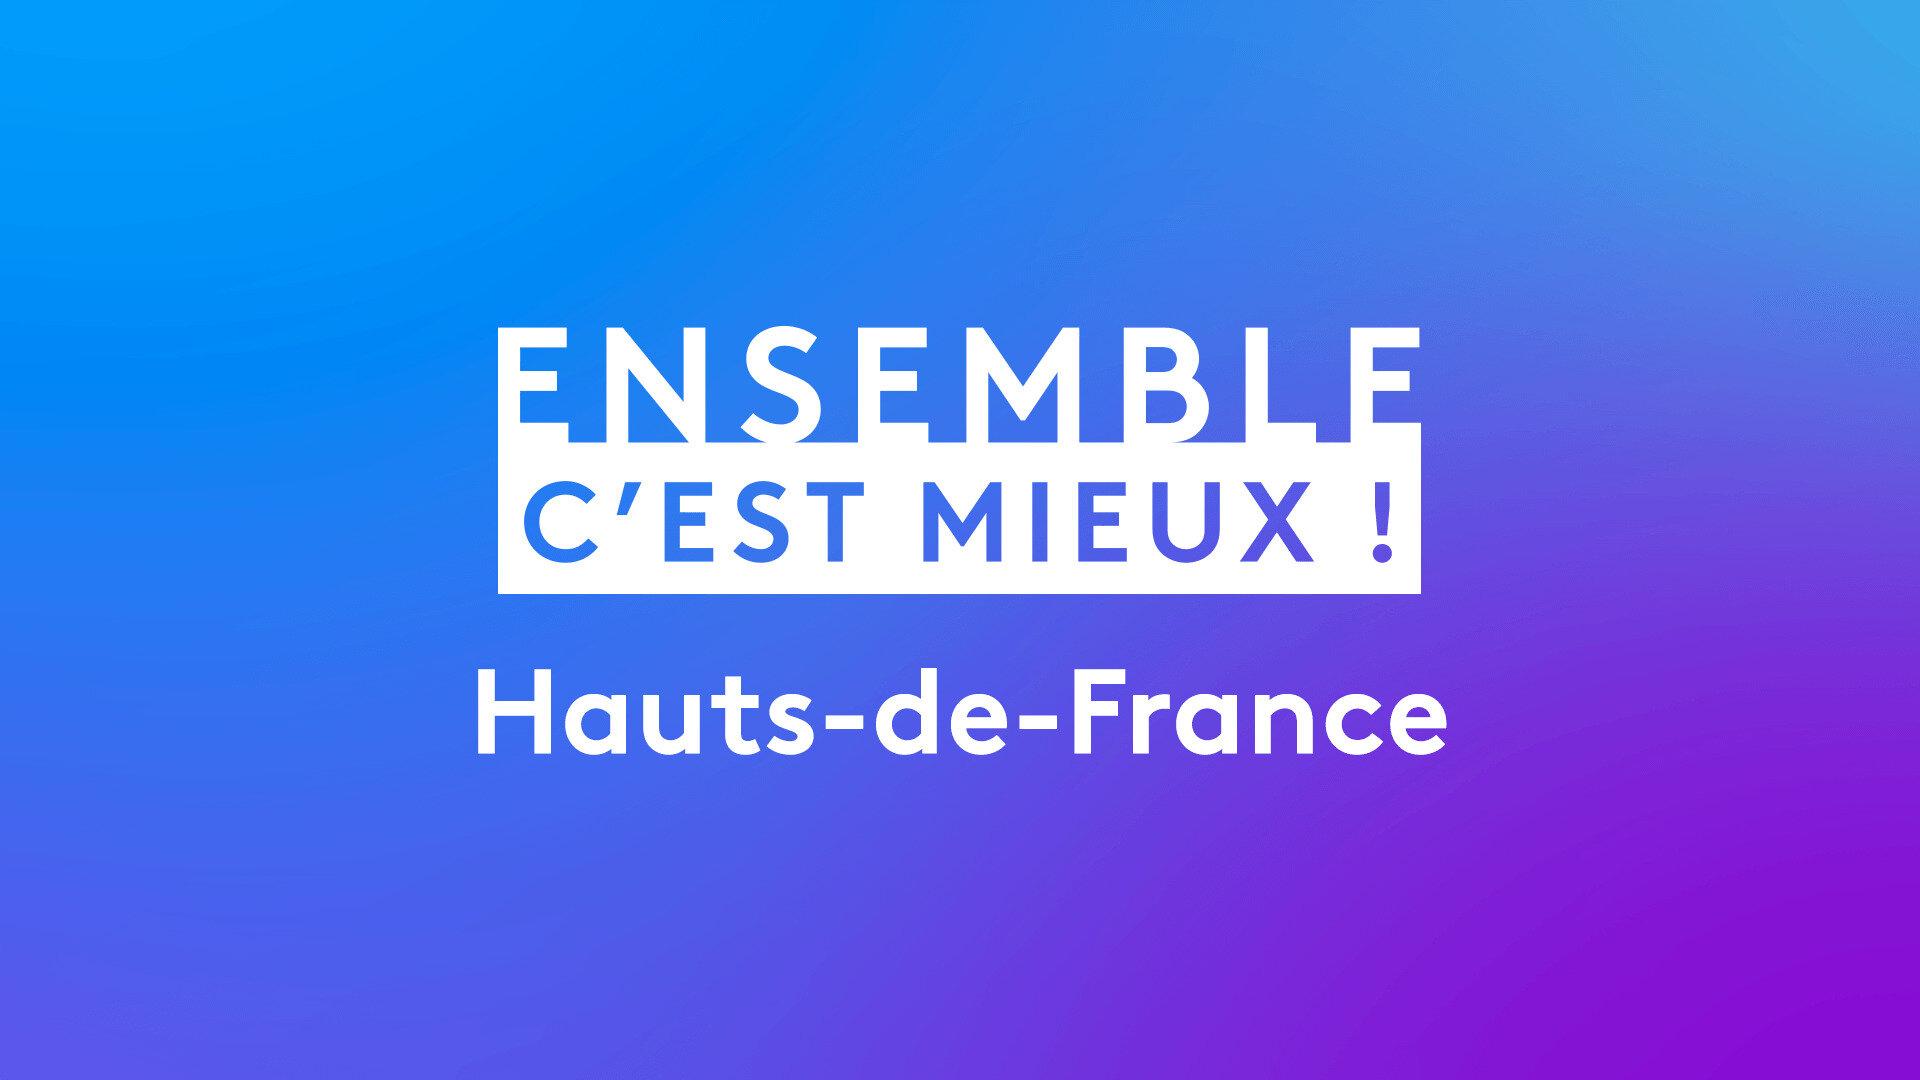 Ensemble c'est mieux ! Hauts-de-France : Le succès des yaourts Derly à Aubvillers